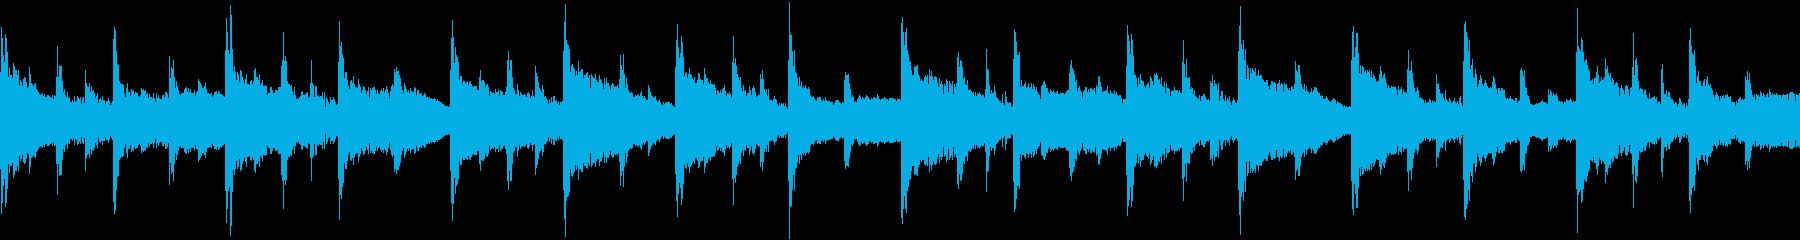 実験的 レトロ 積極的 焦り 劇的...の再生済みの波形